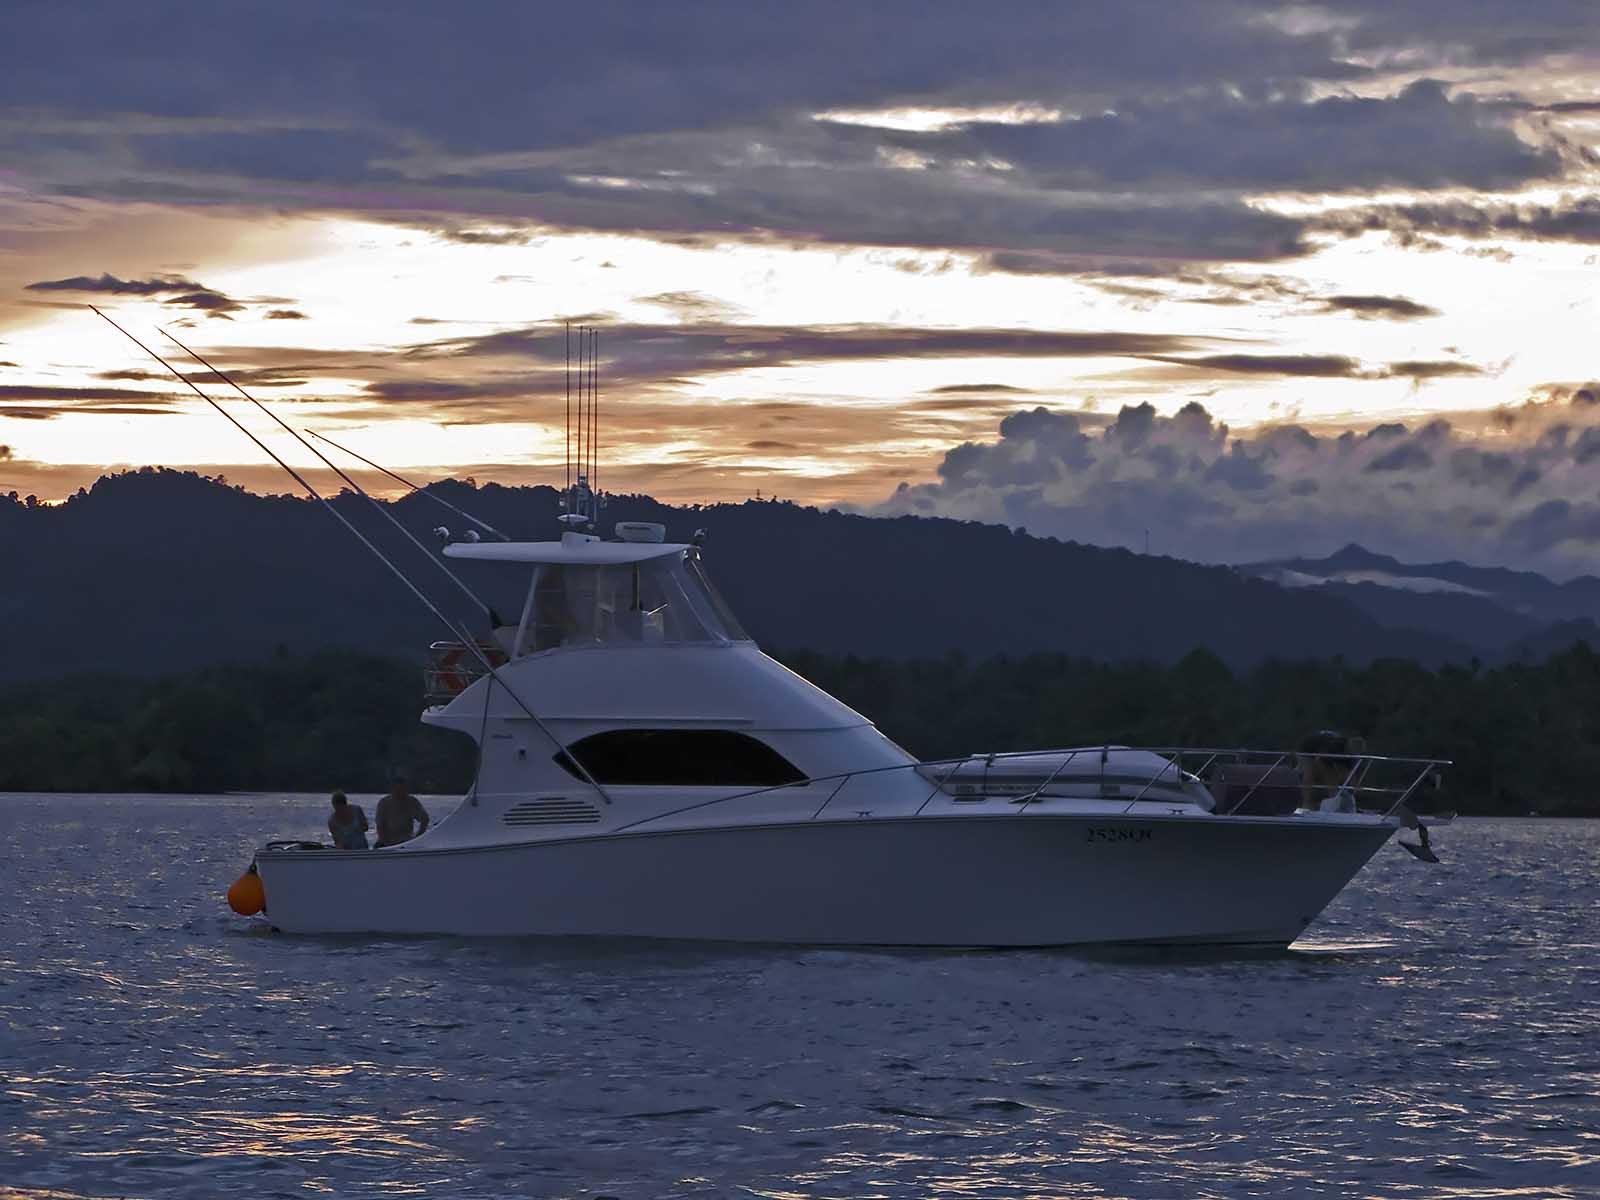 Garmin software fishing boats for Fishing boat games